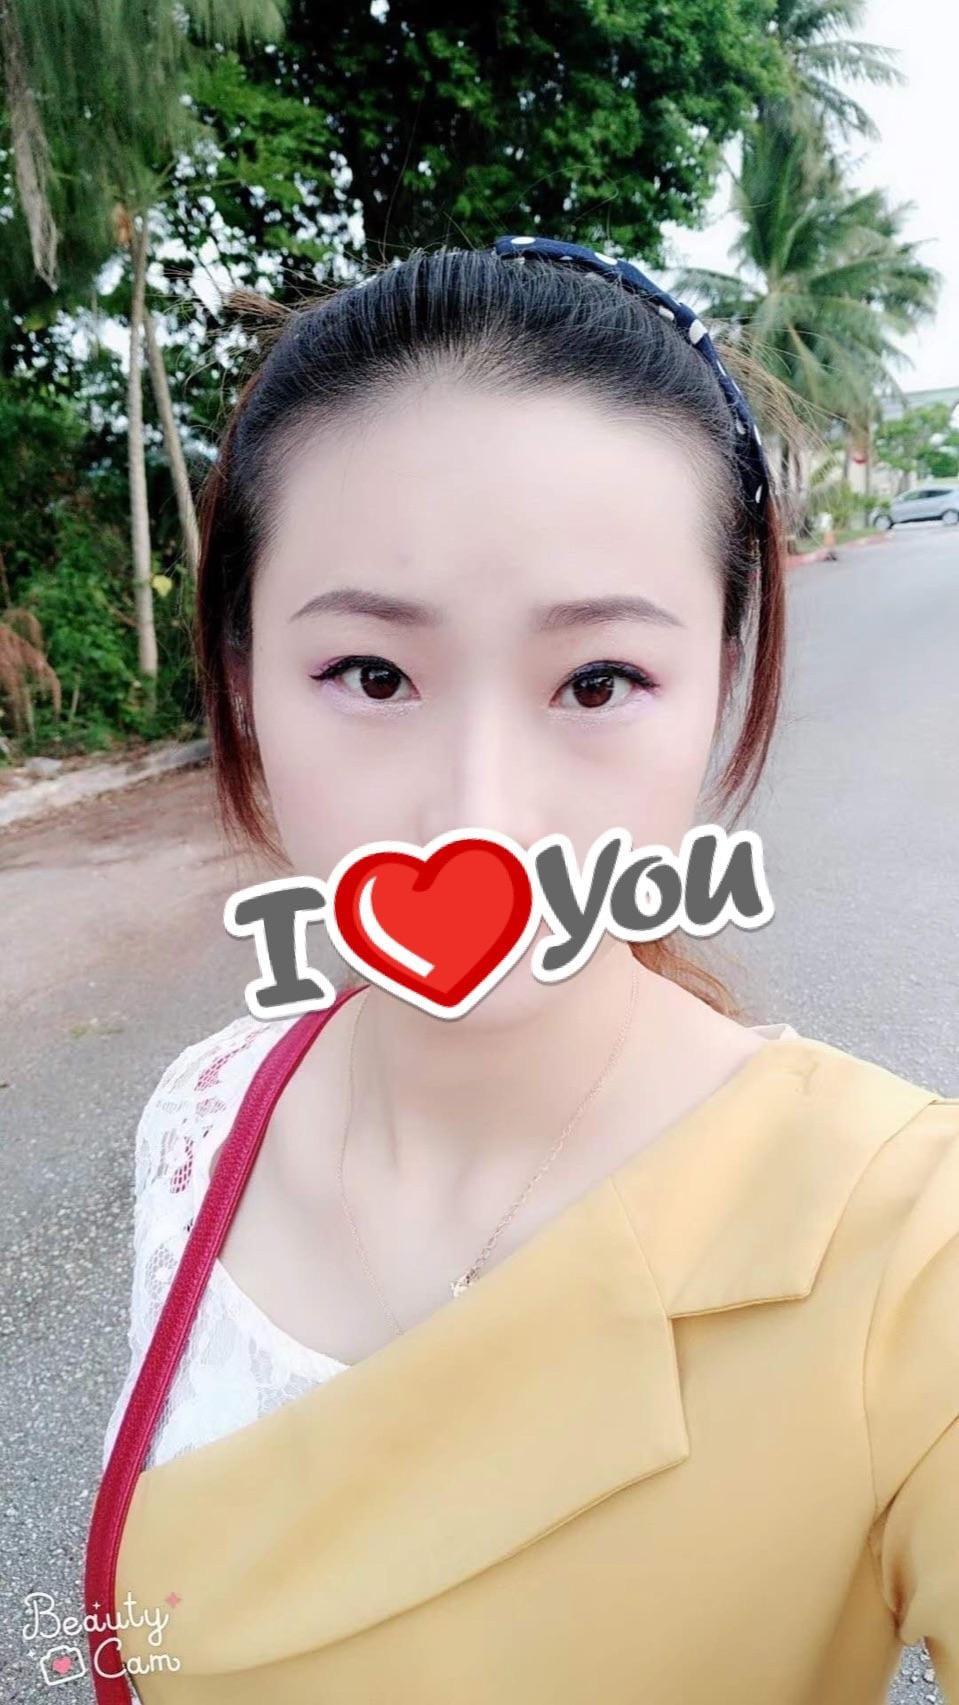 「こんにちは」05/16(木) 12:11   えみの写メ・風俗動画